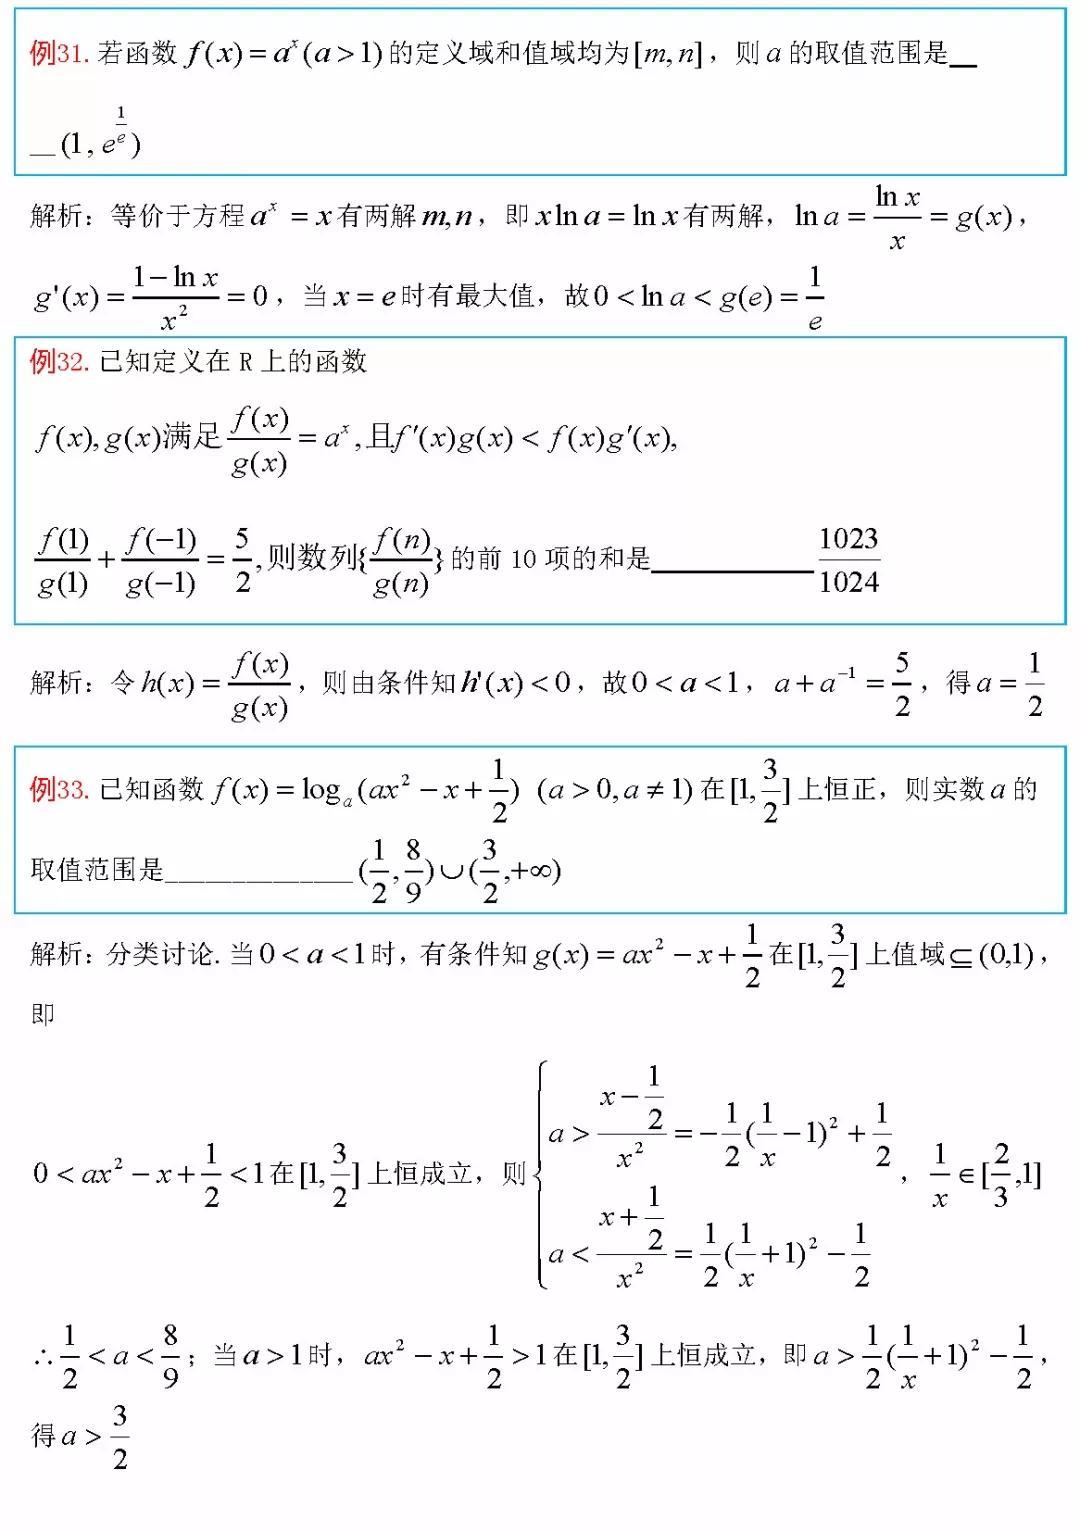 越做越努力的函數壓軸題,你敢嘗嘗嗎?